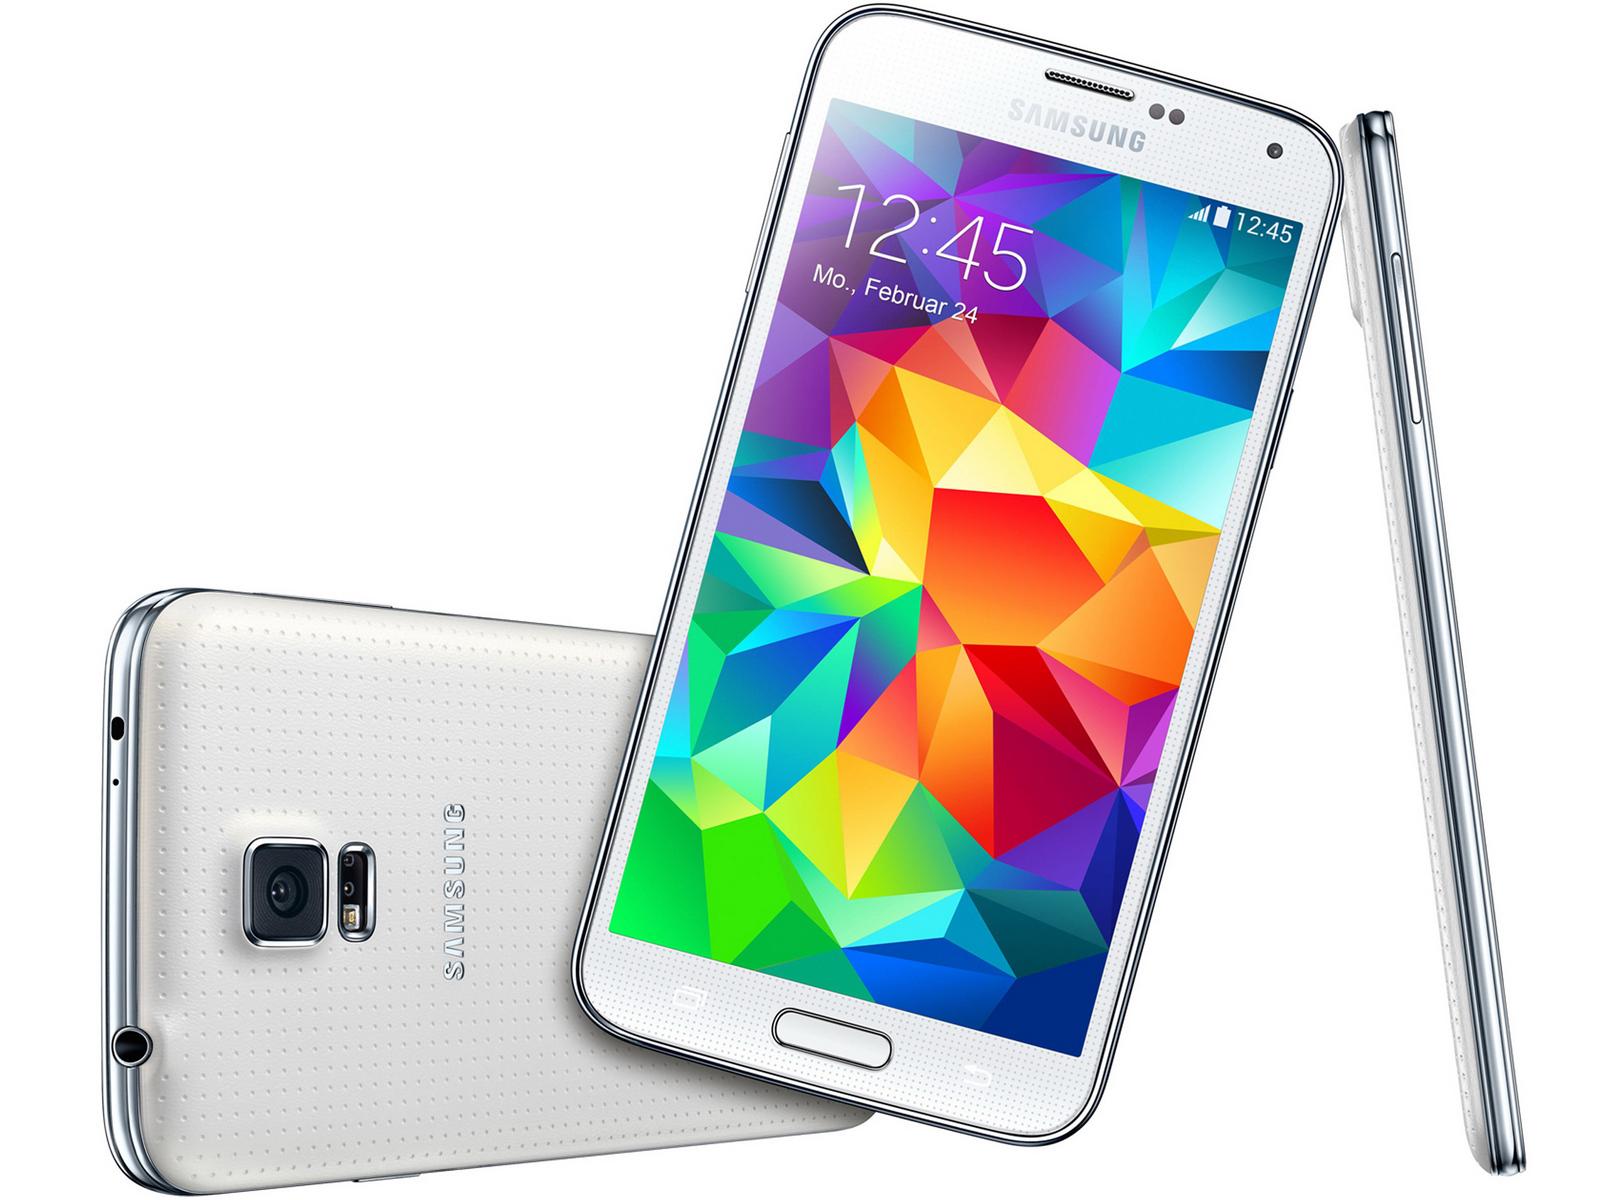 Smartphone Und Wearables Galaxy S5 Gear Fit Sowie Gear 2 Und Gear 2 Ne...